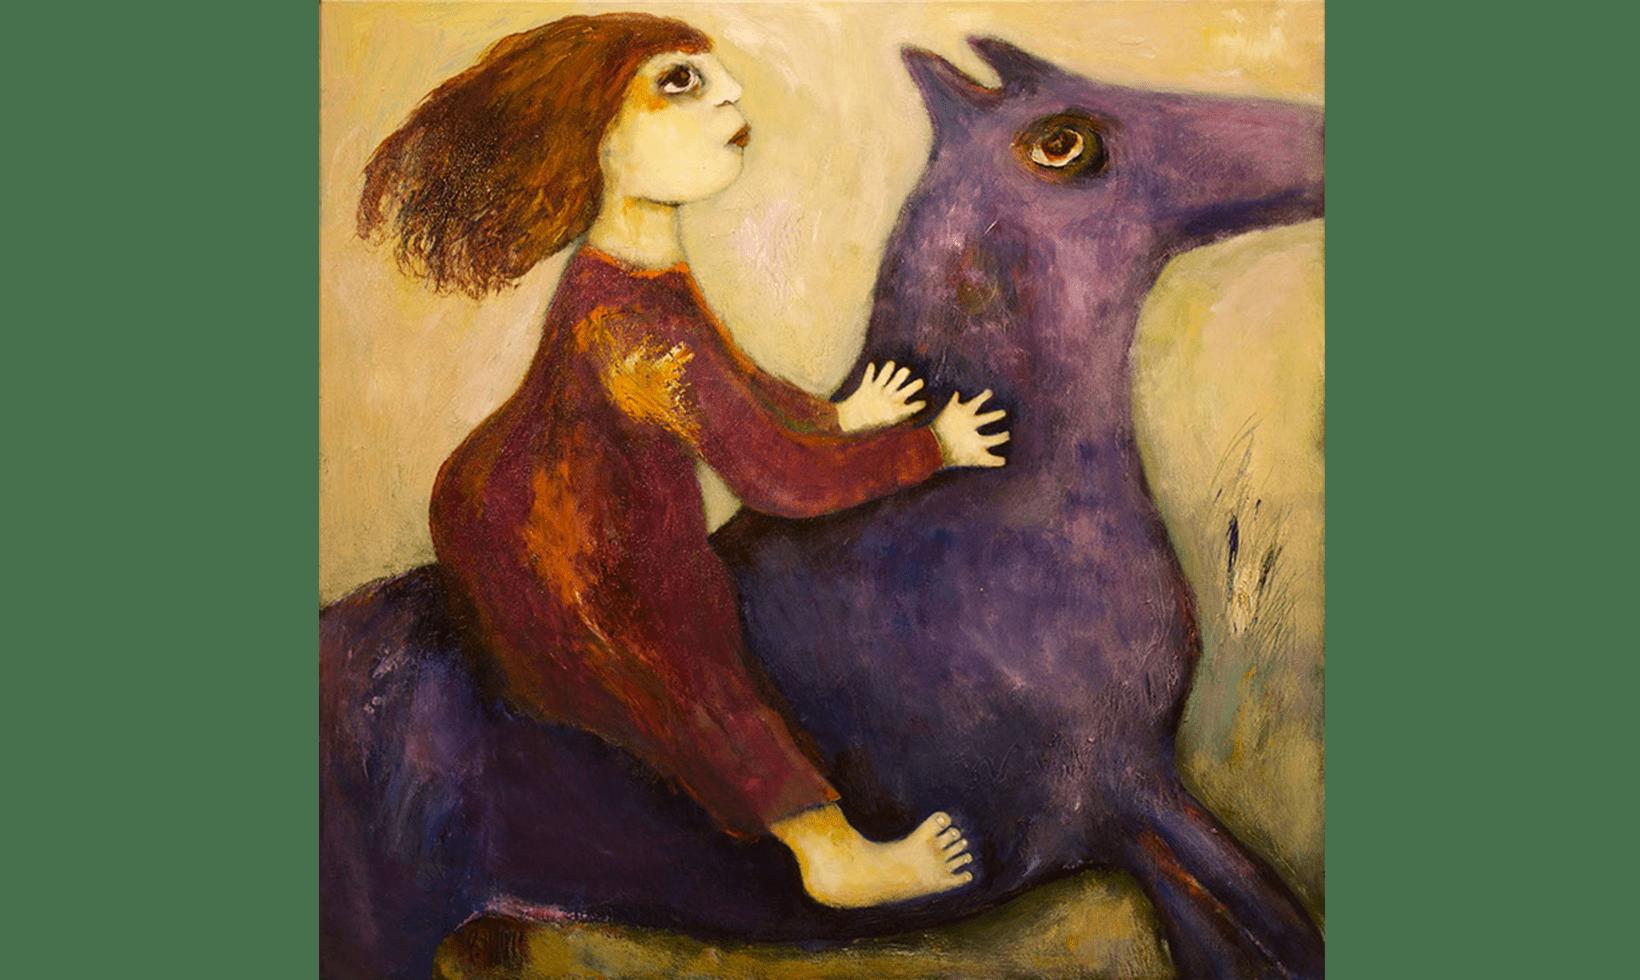 """""""A Child's Dream"""" Tecnica: Olio e acrilico su tela Dimensioni: 76 x 76 cm"""